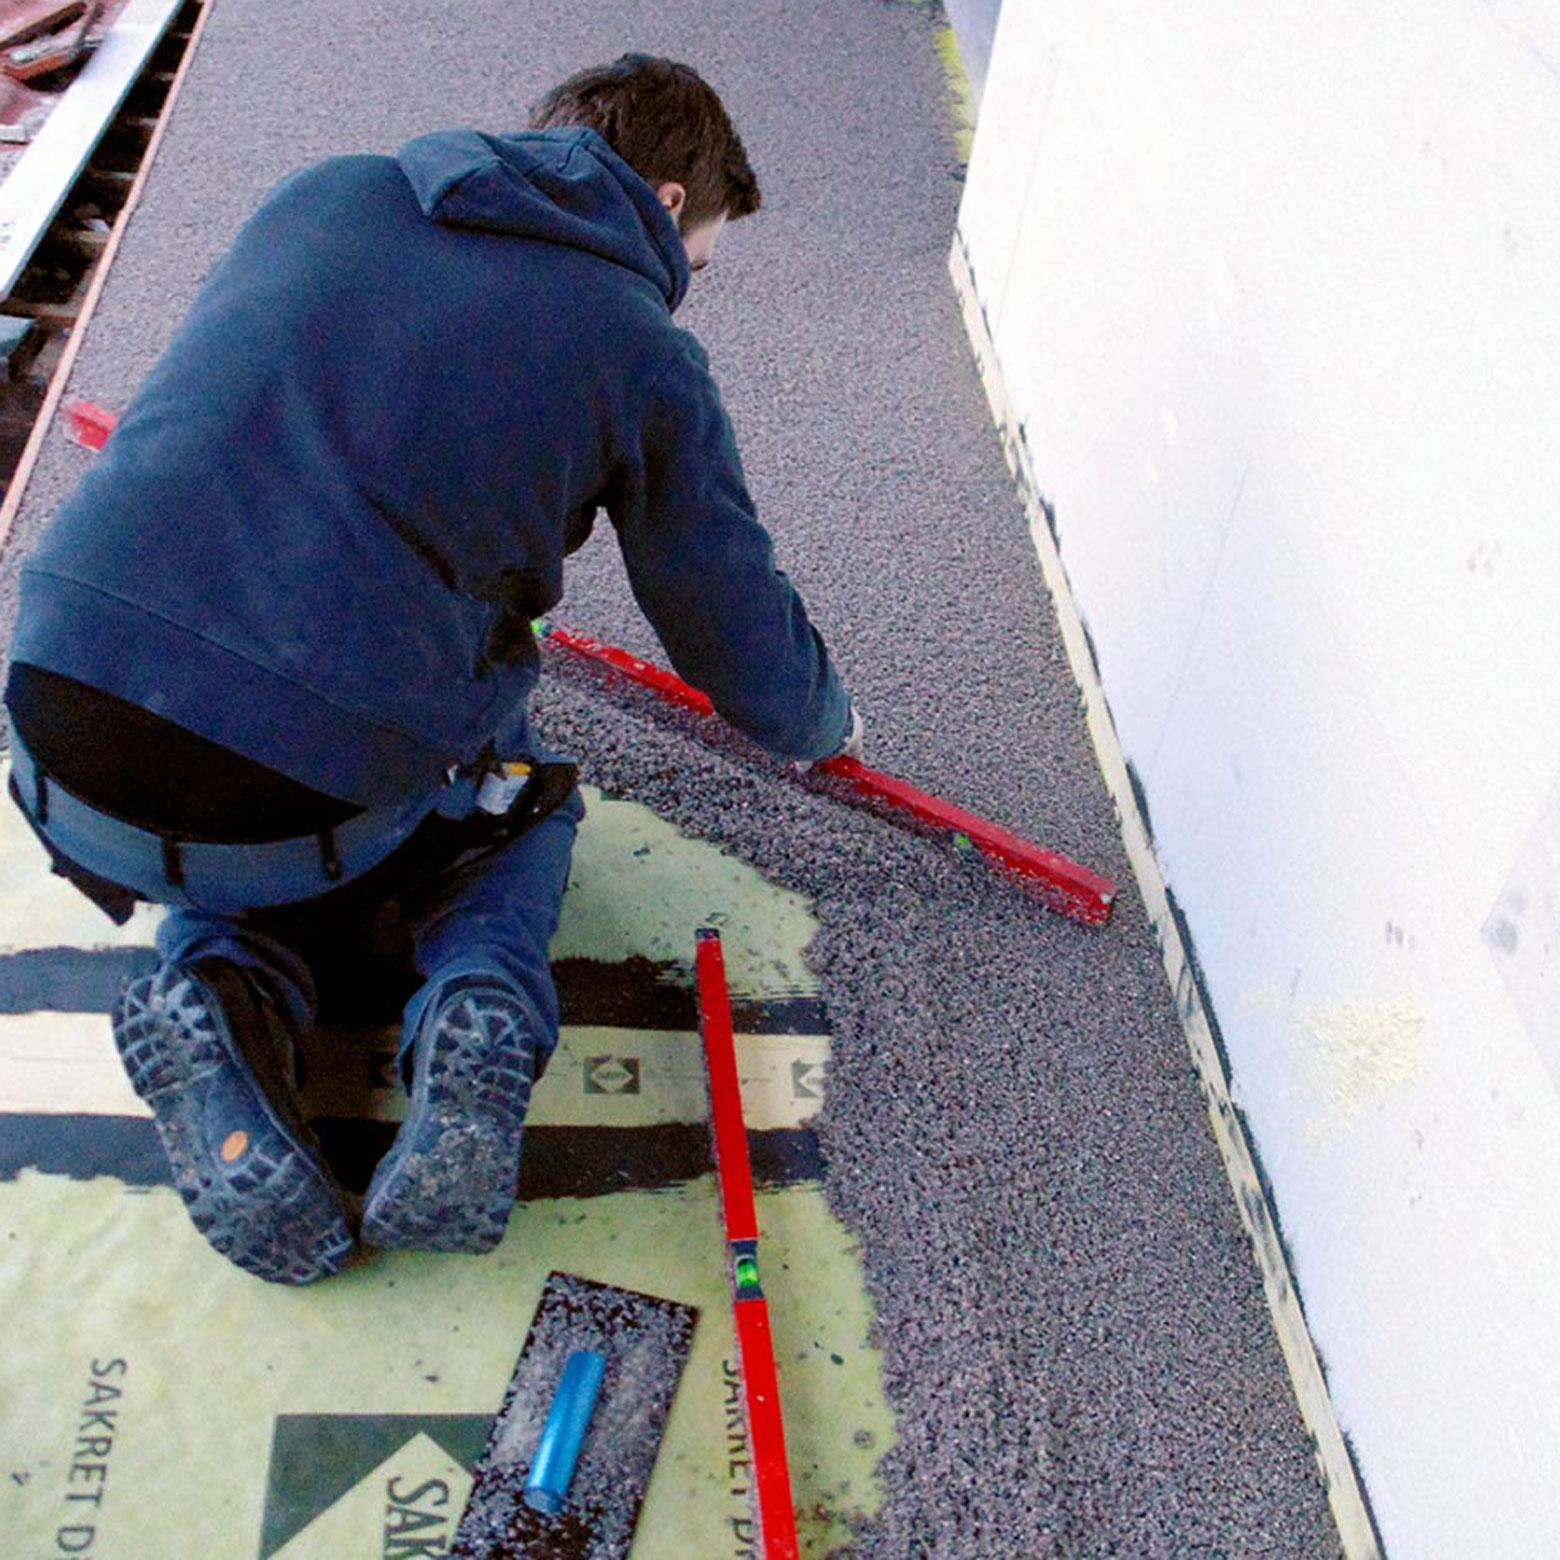 Drainagemörtel sollte nur dann allein eingesetzt werden, wenn er kapillarpassiv und die Wasserbelastung gering ist.